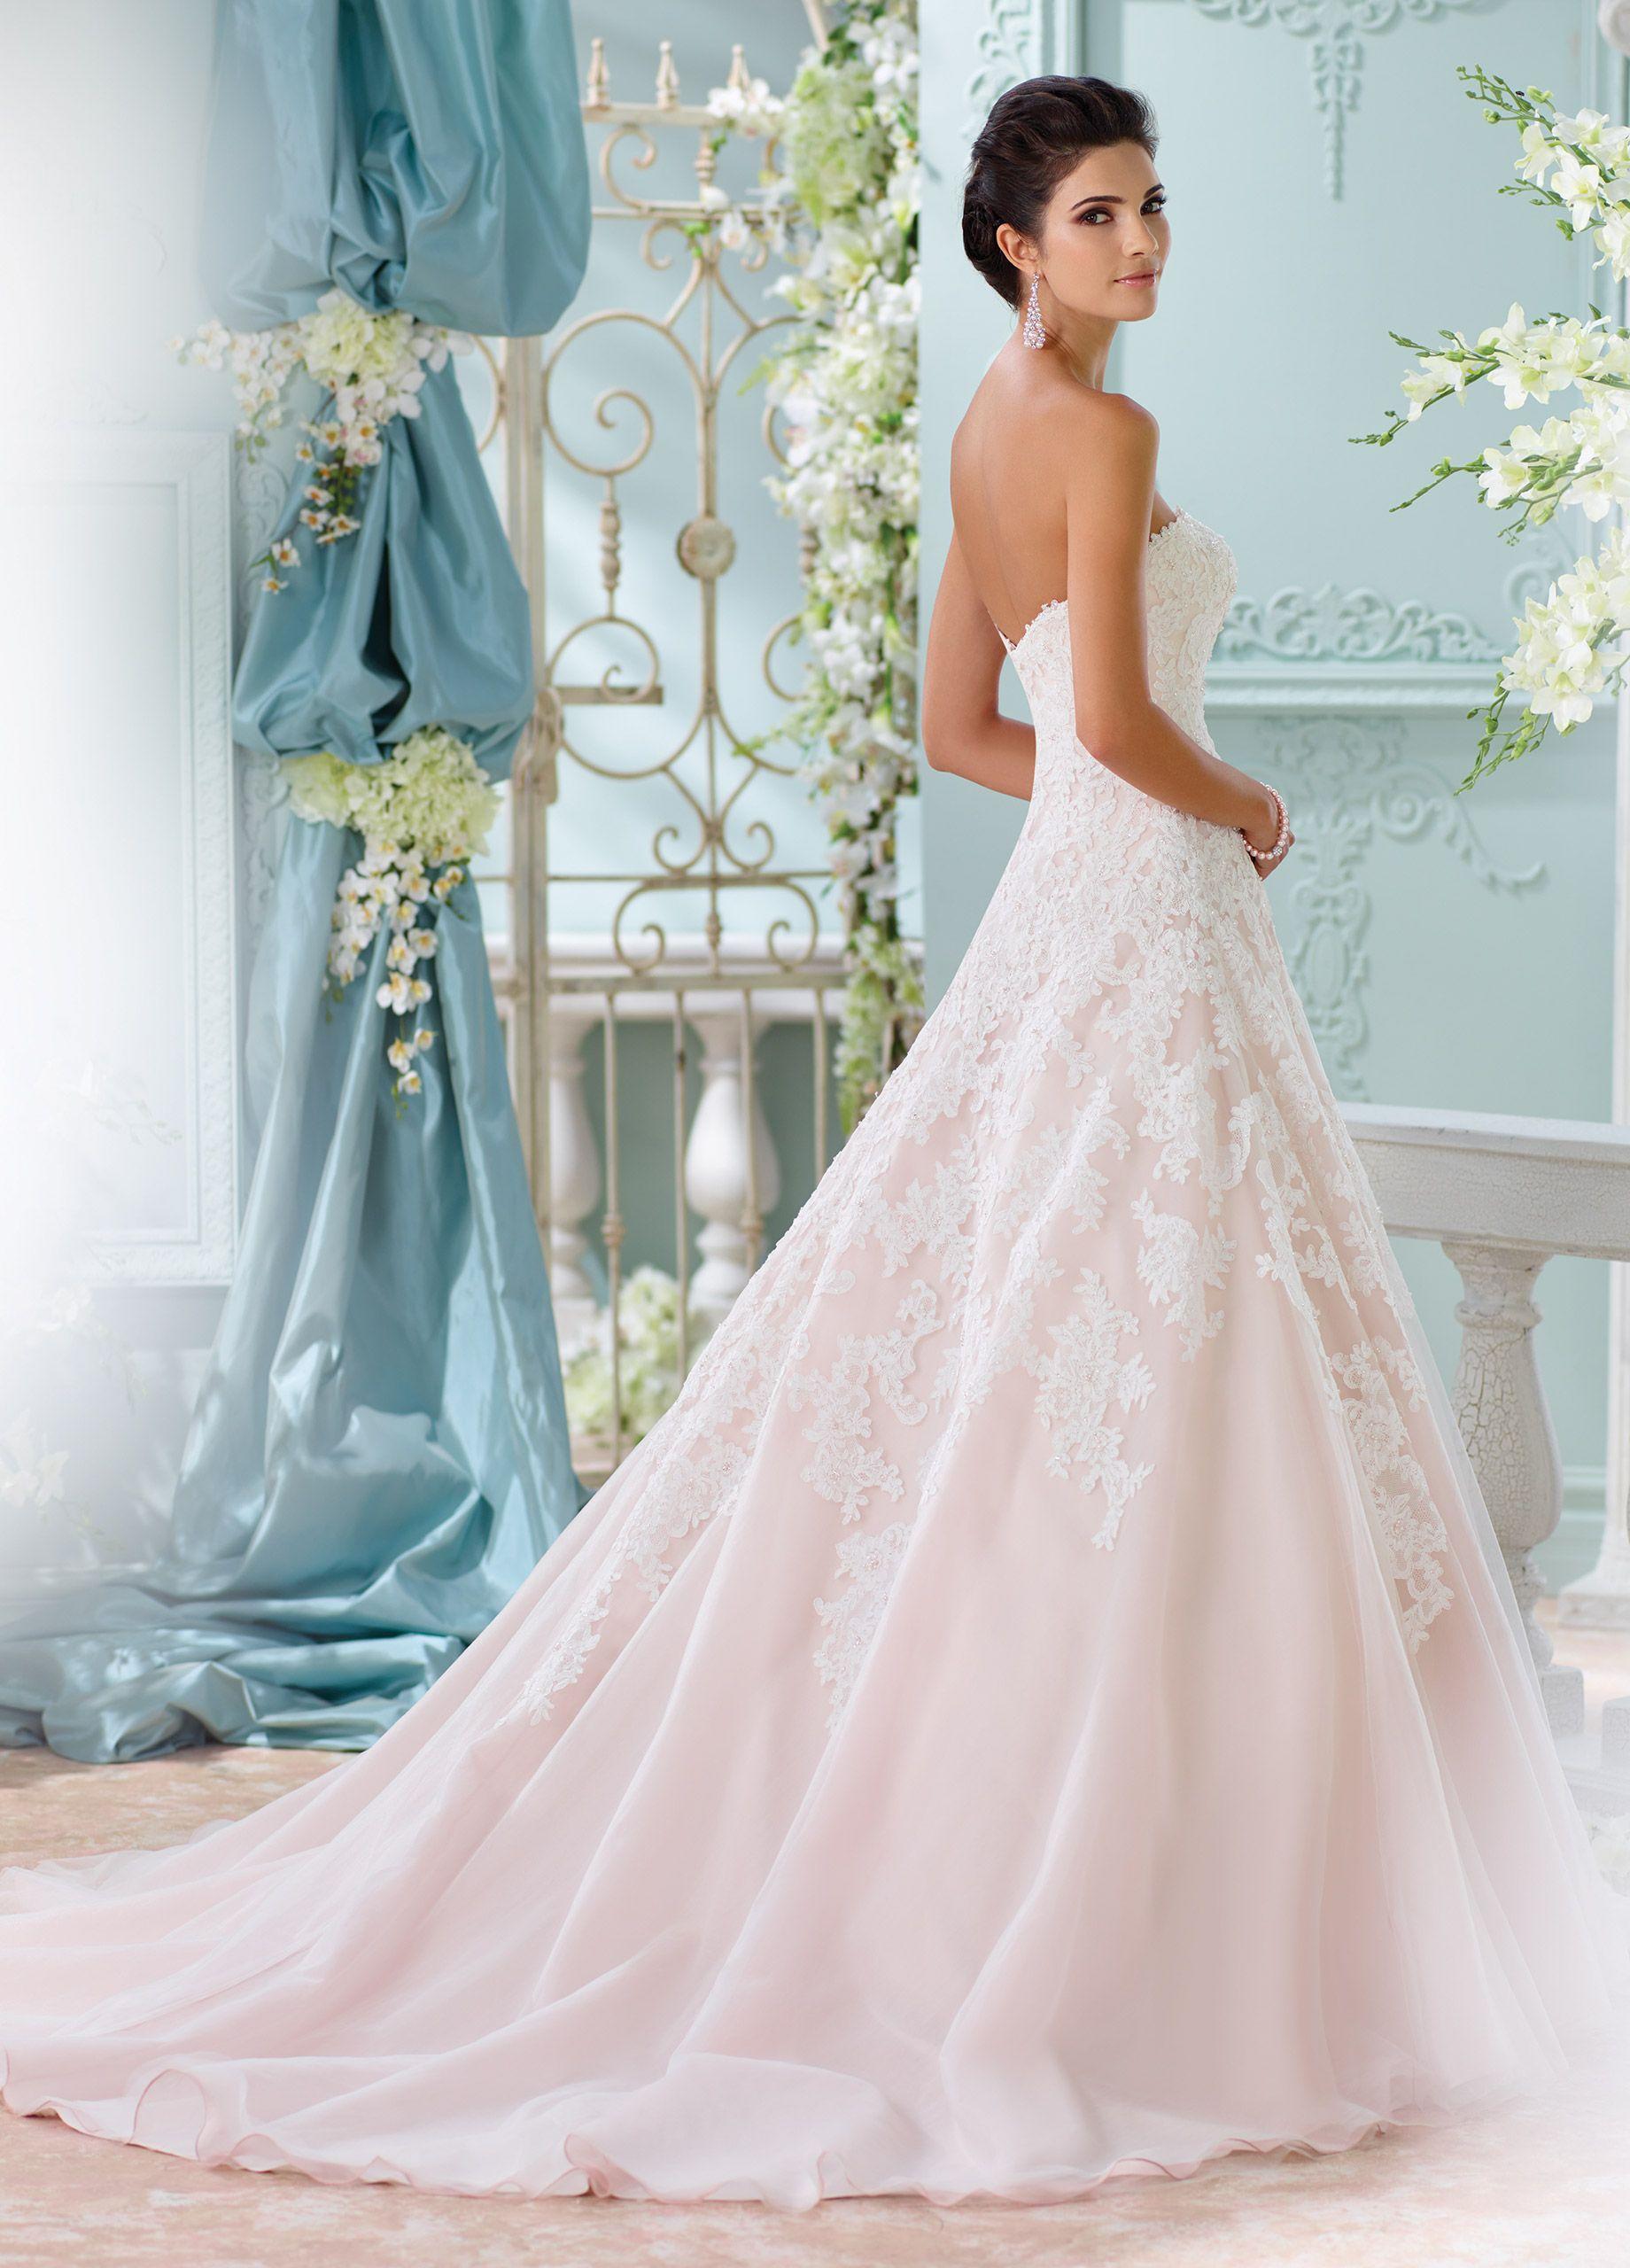 Funky Drop Waist Wedding Gown Motif - All Wedding Dresses ...